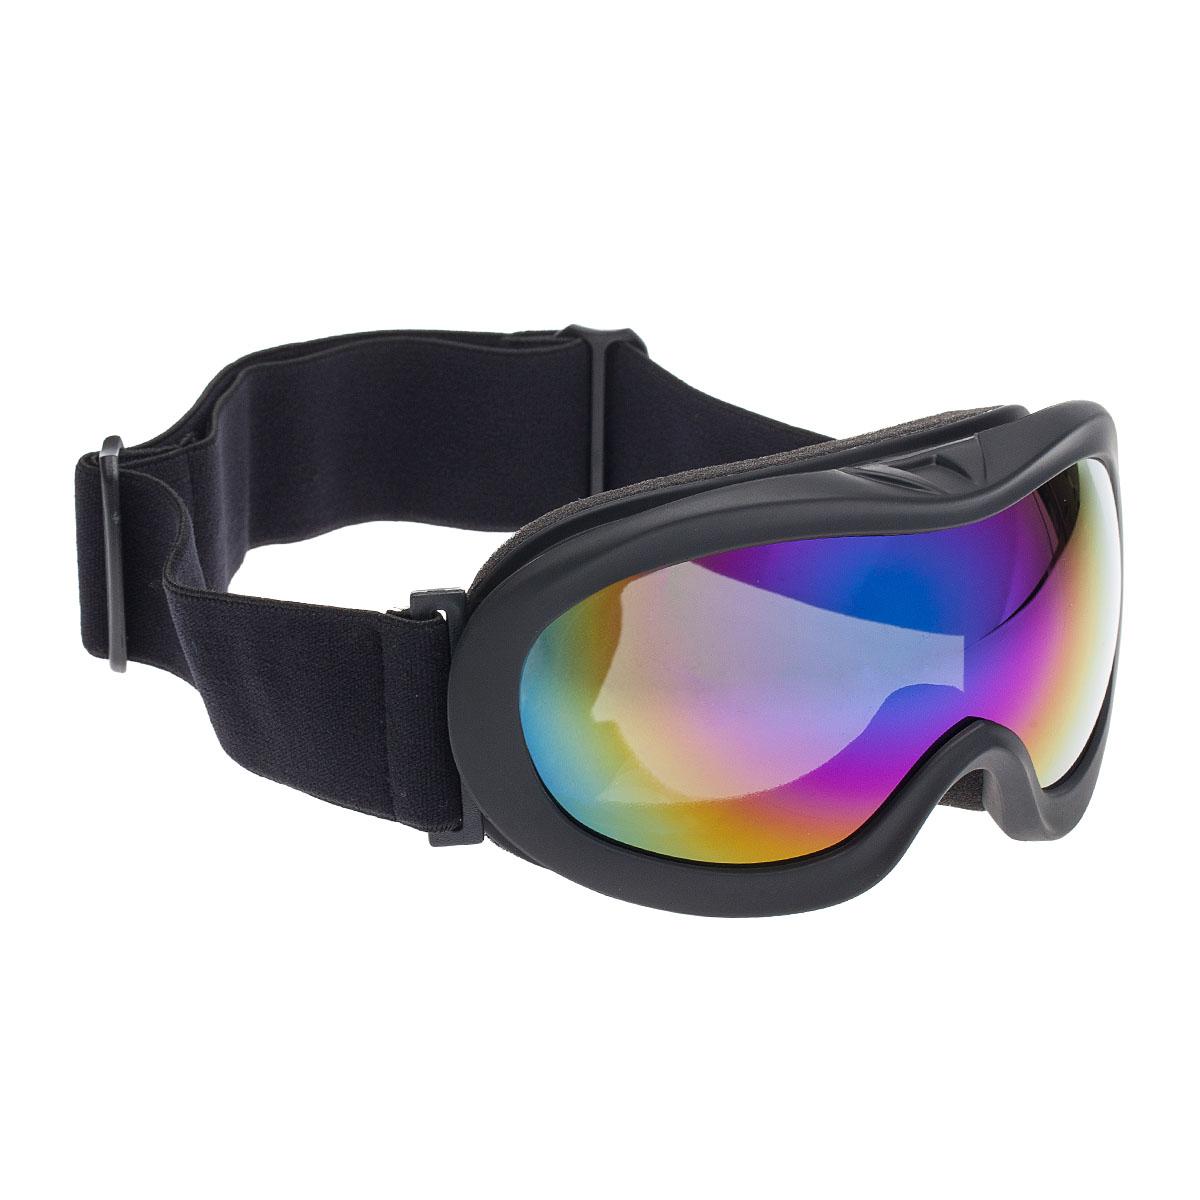 Горнолыжные очки Exparc, 15653-9